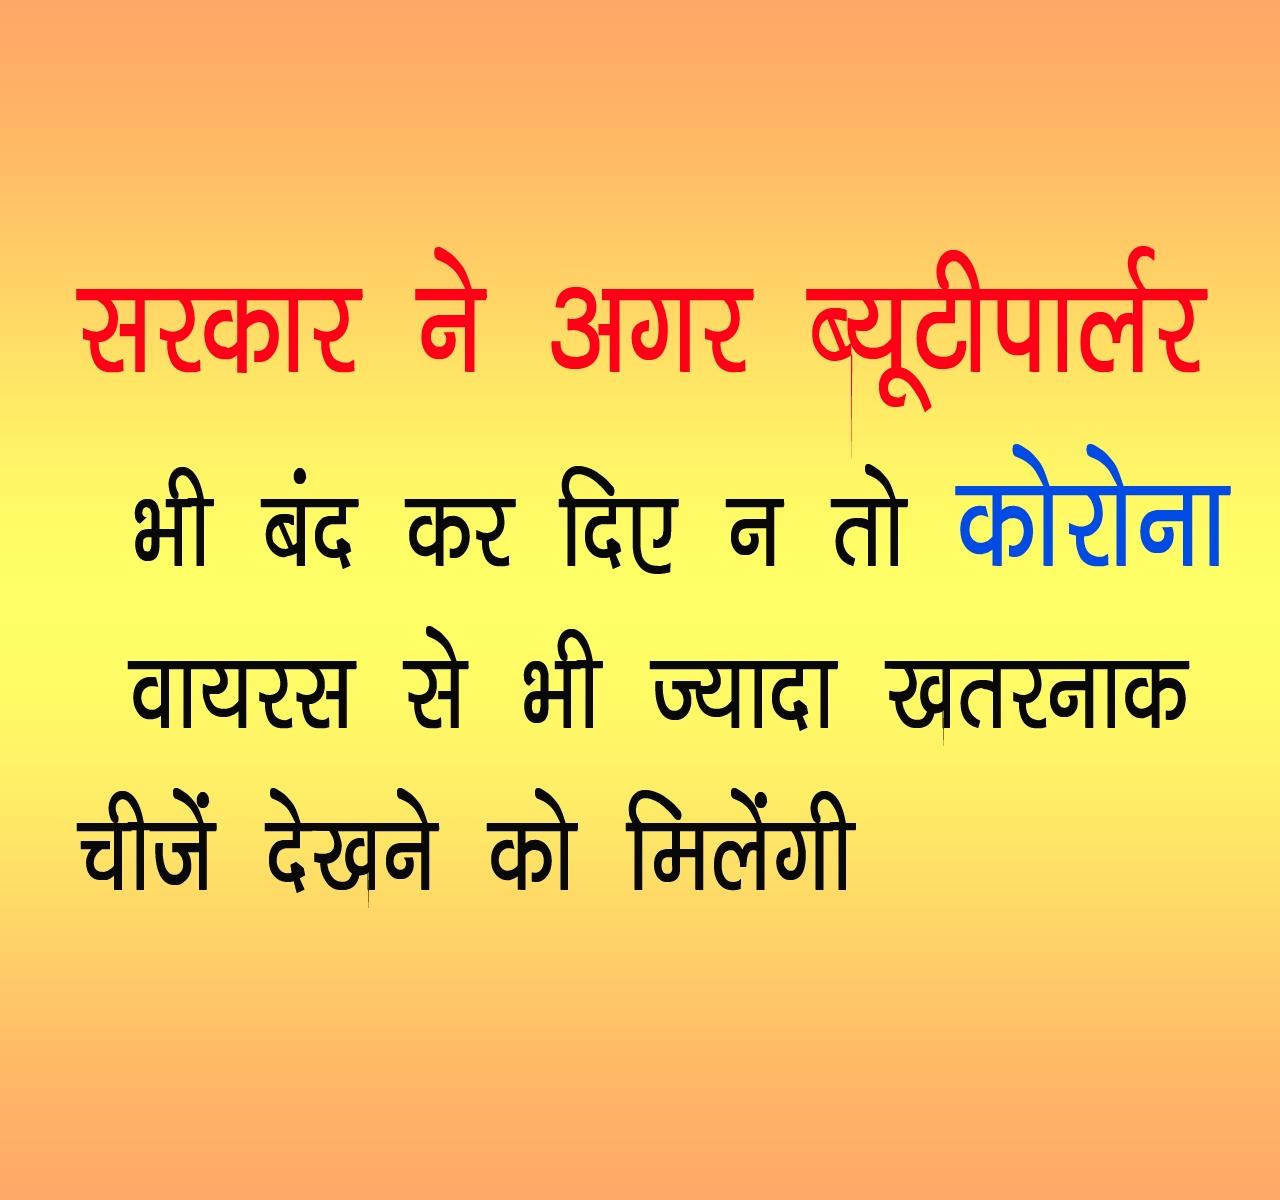 Hindi Jokes Images Pics Download